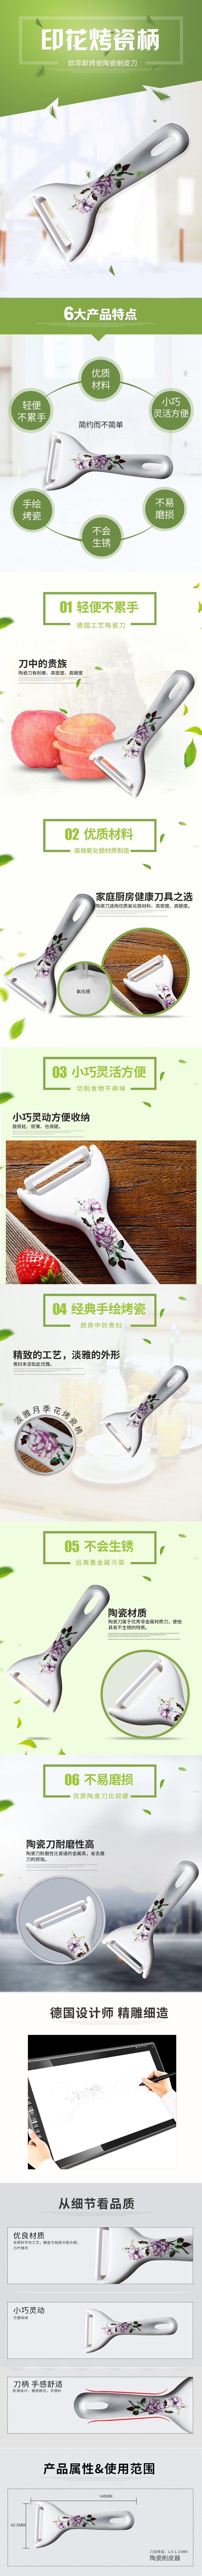 ofeis 花卉陶瓷白晶系列-水果削皮器